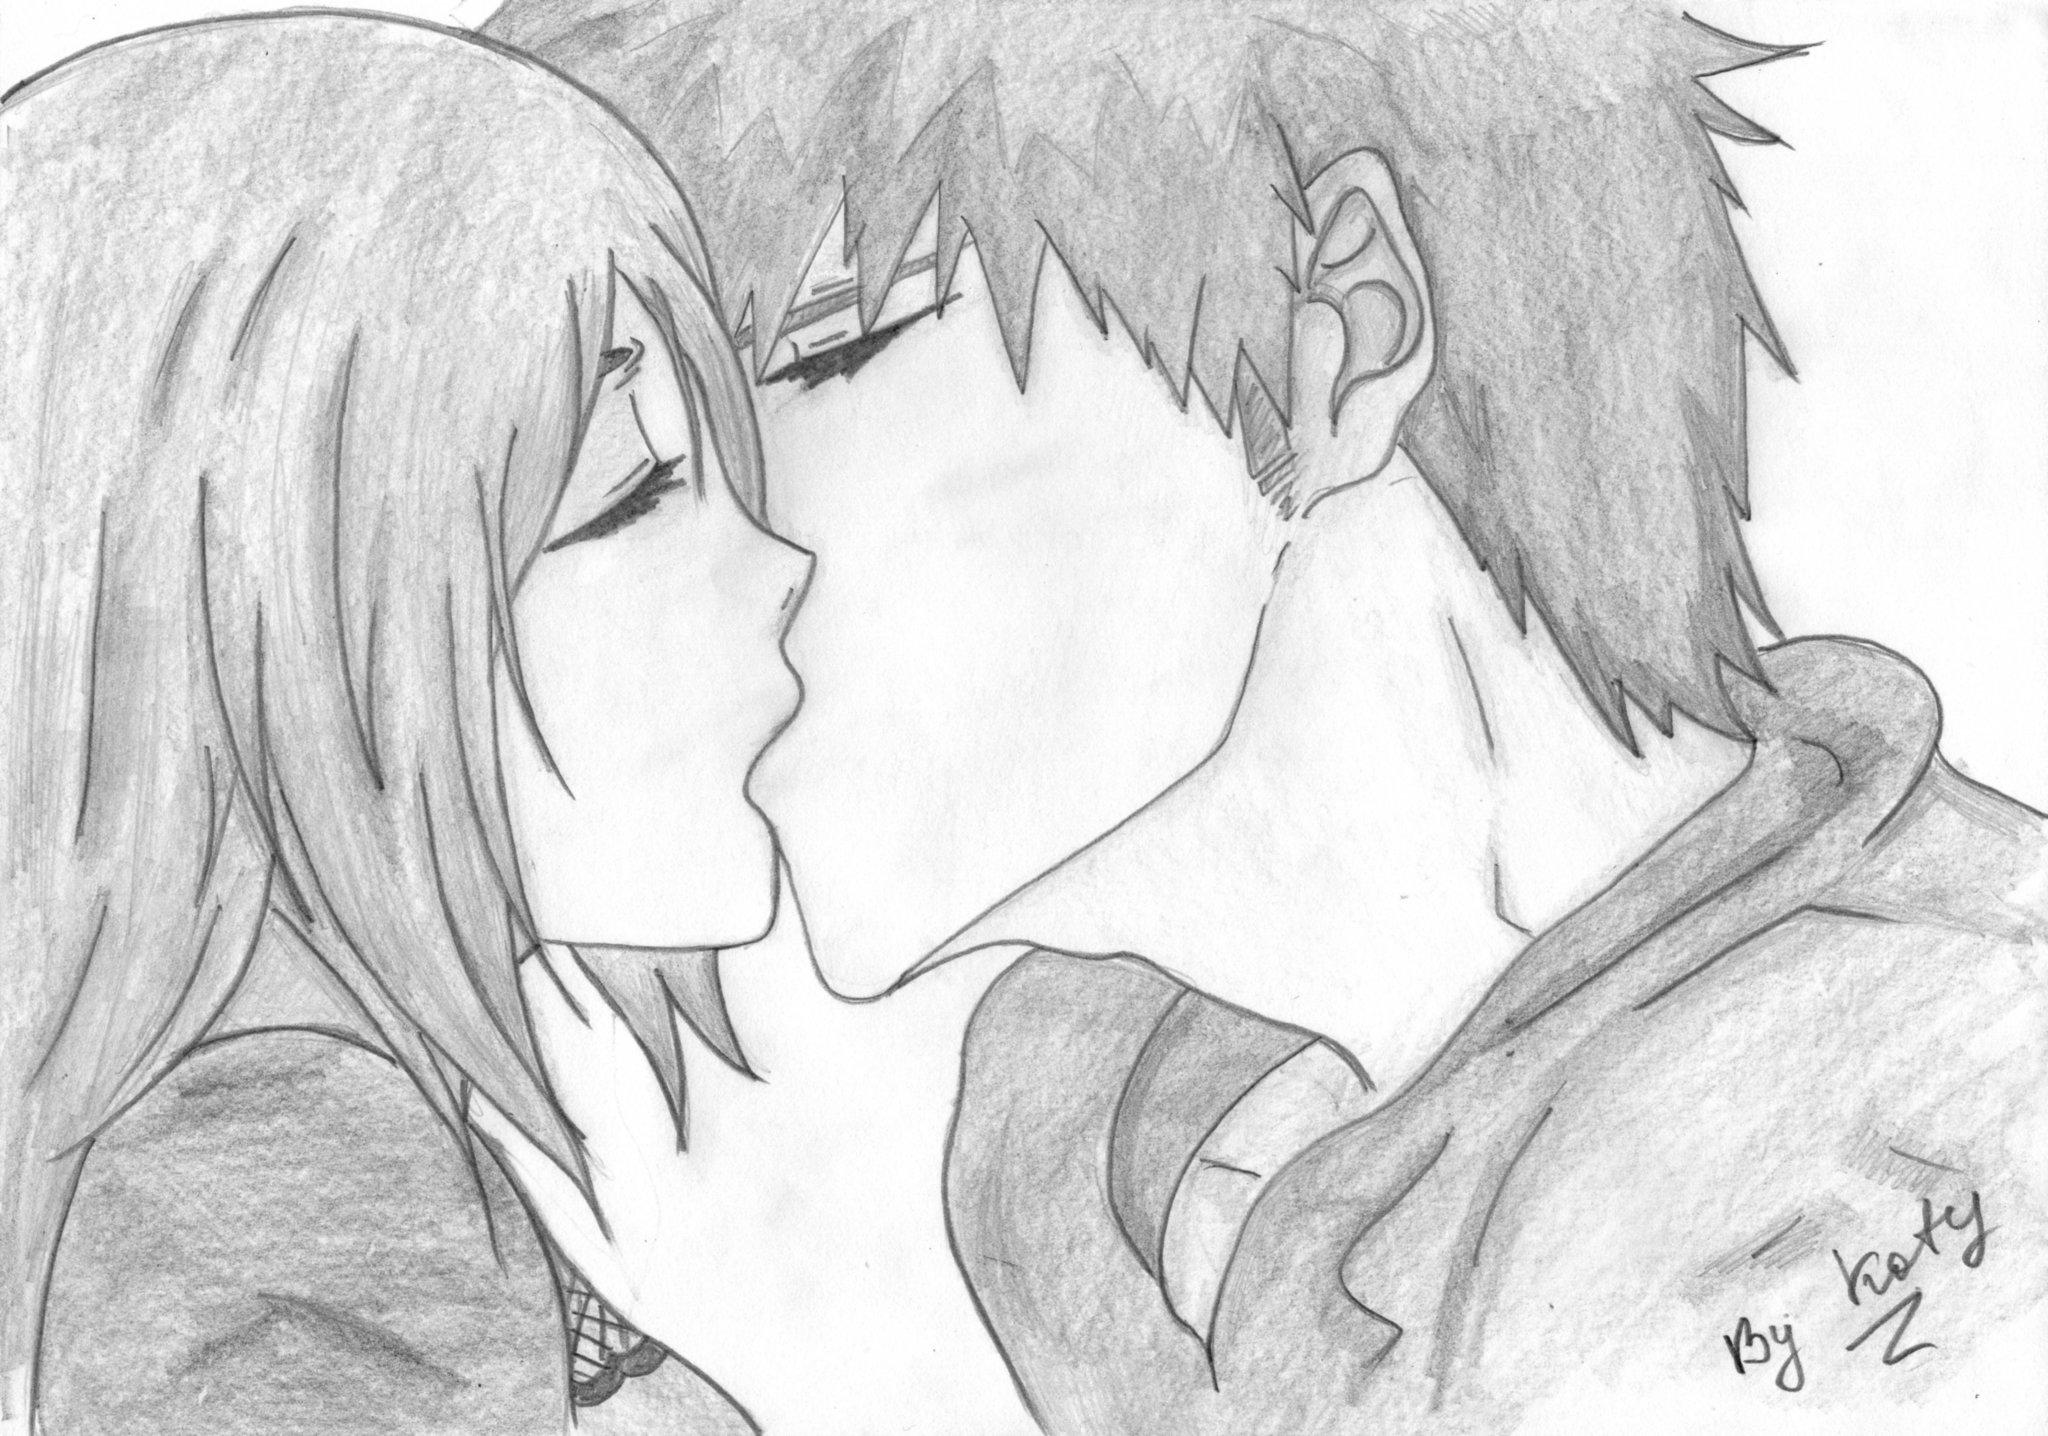 первую картинки для срисовывания карандашом поцелуй метель танцует